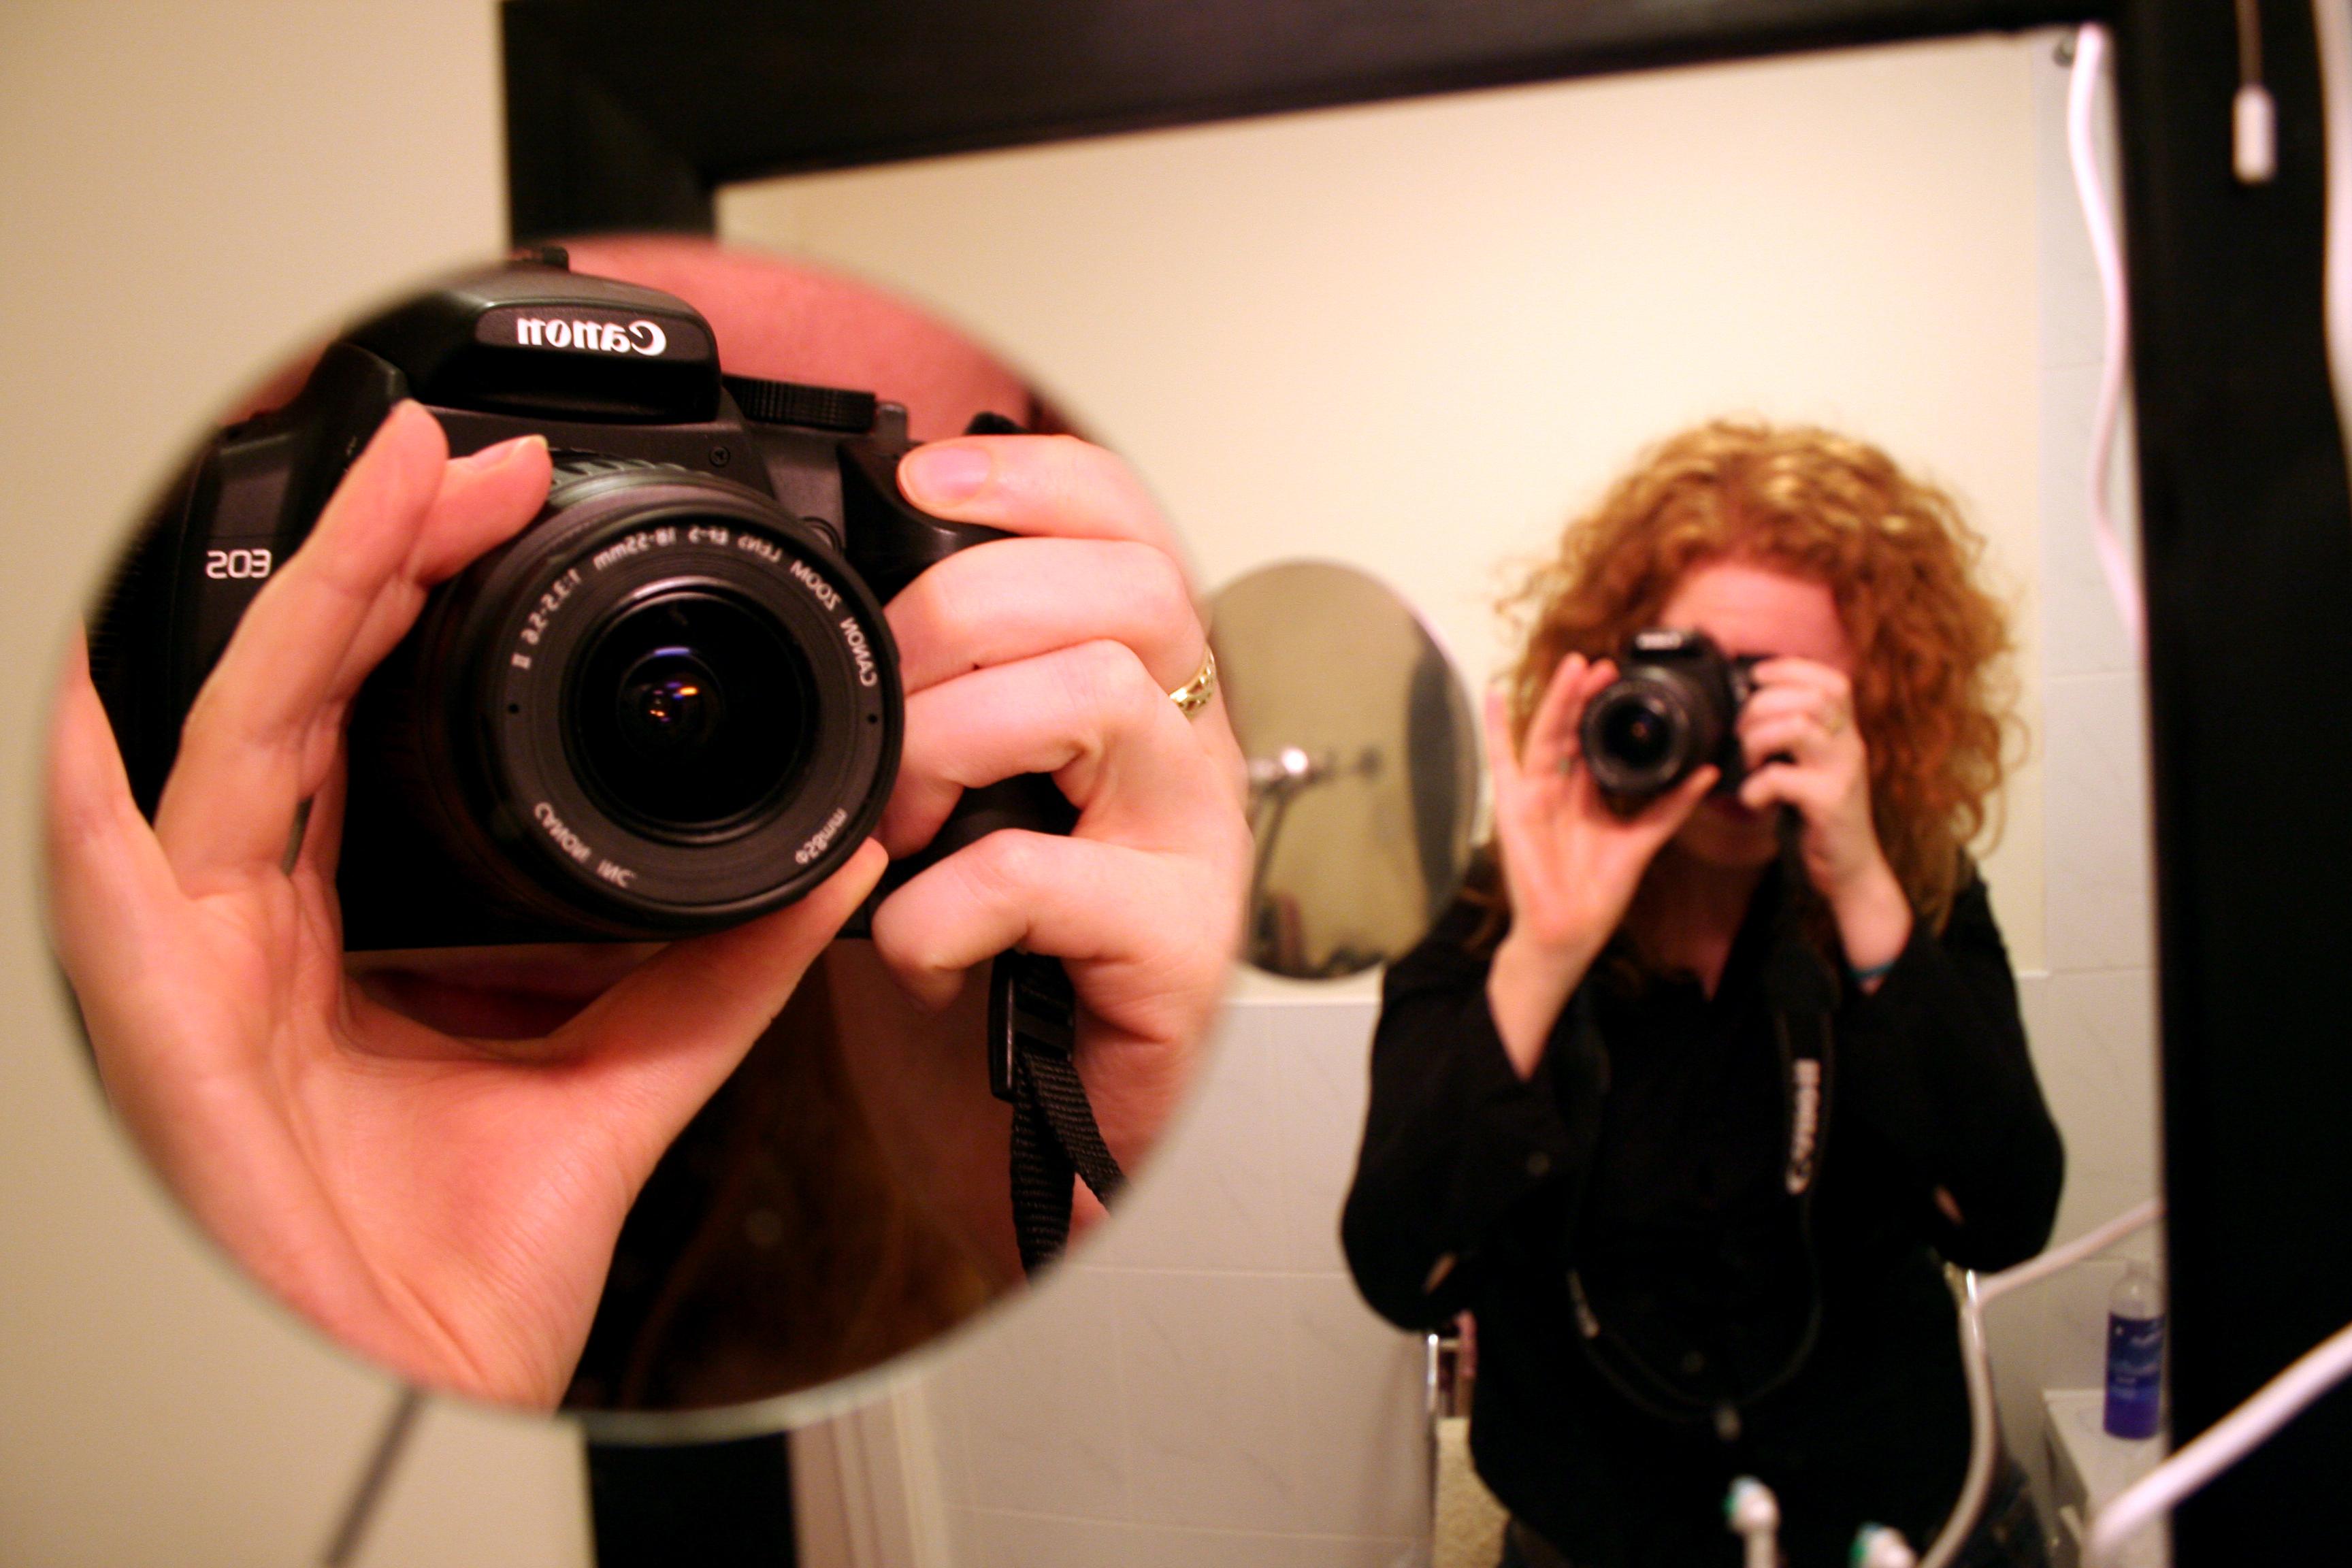 Camera in mirror